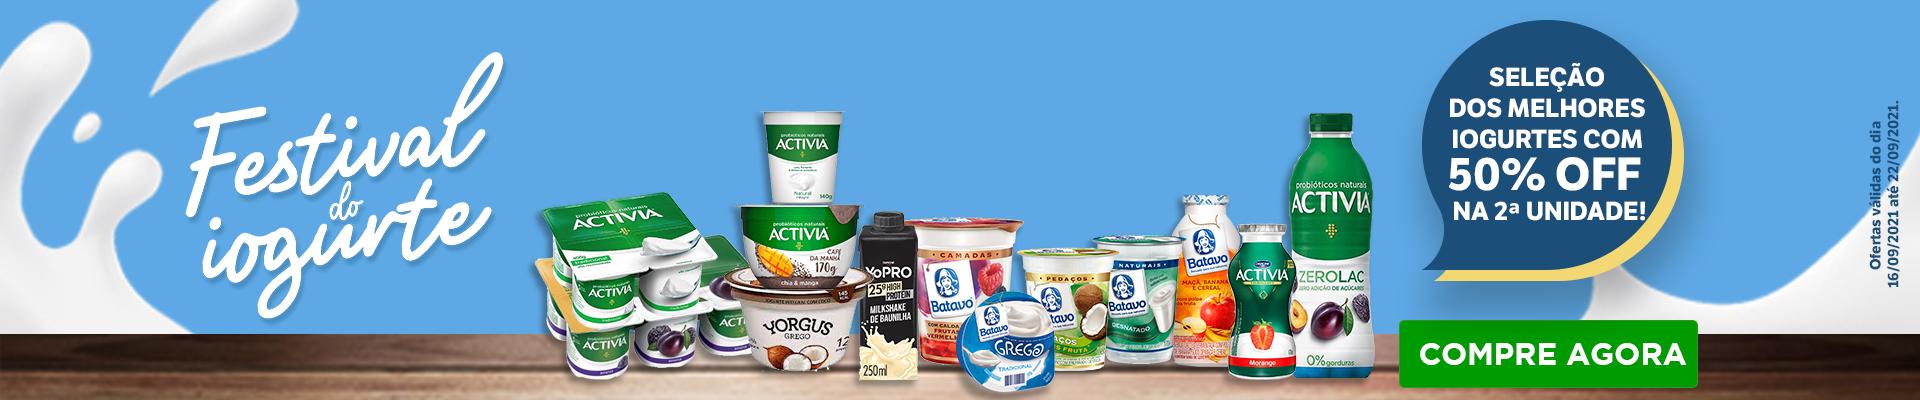 Festival do Iogurte - 16 a 22 set